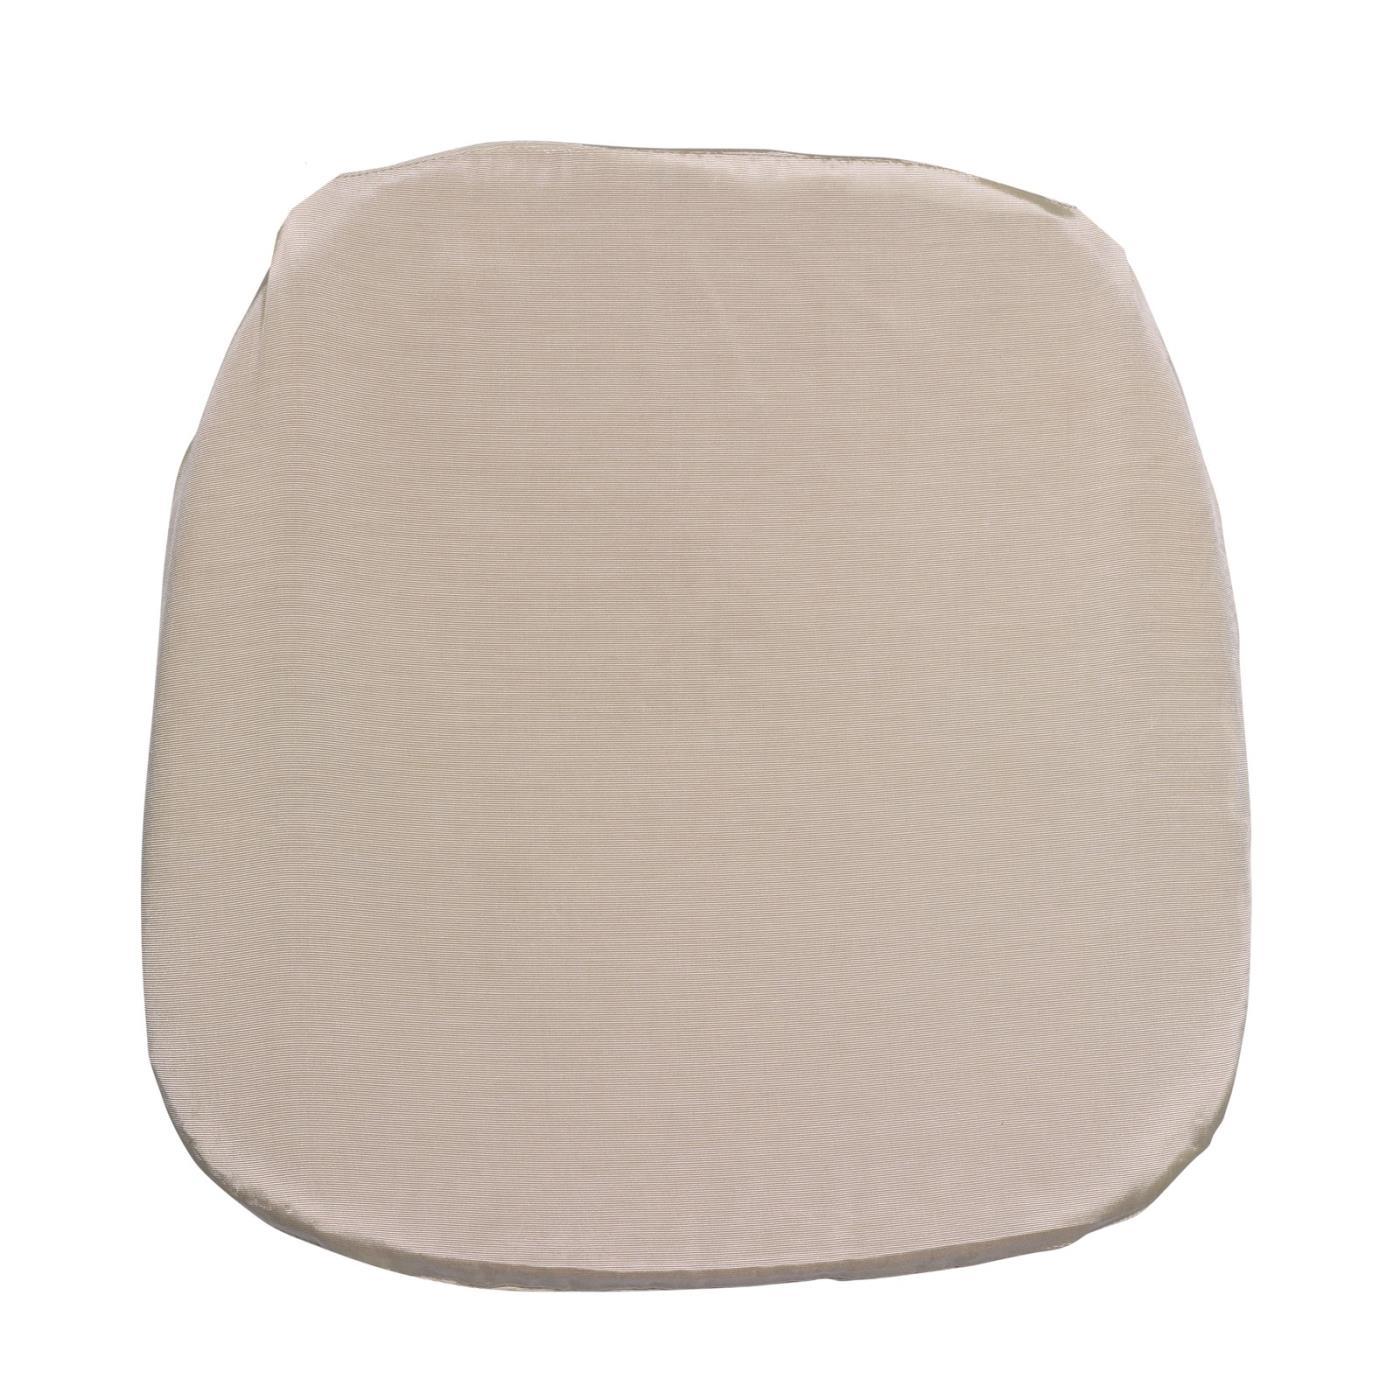 Bengaline Seat Cushion - Ivory